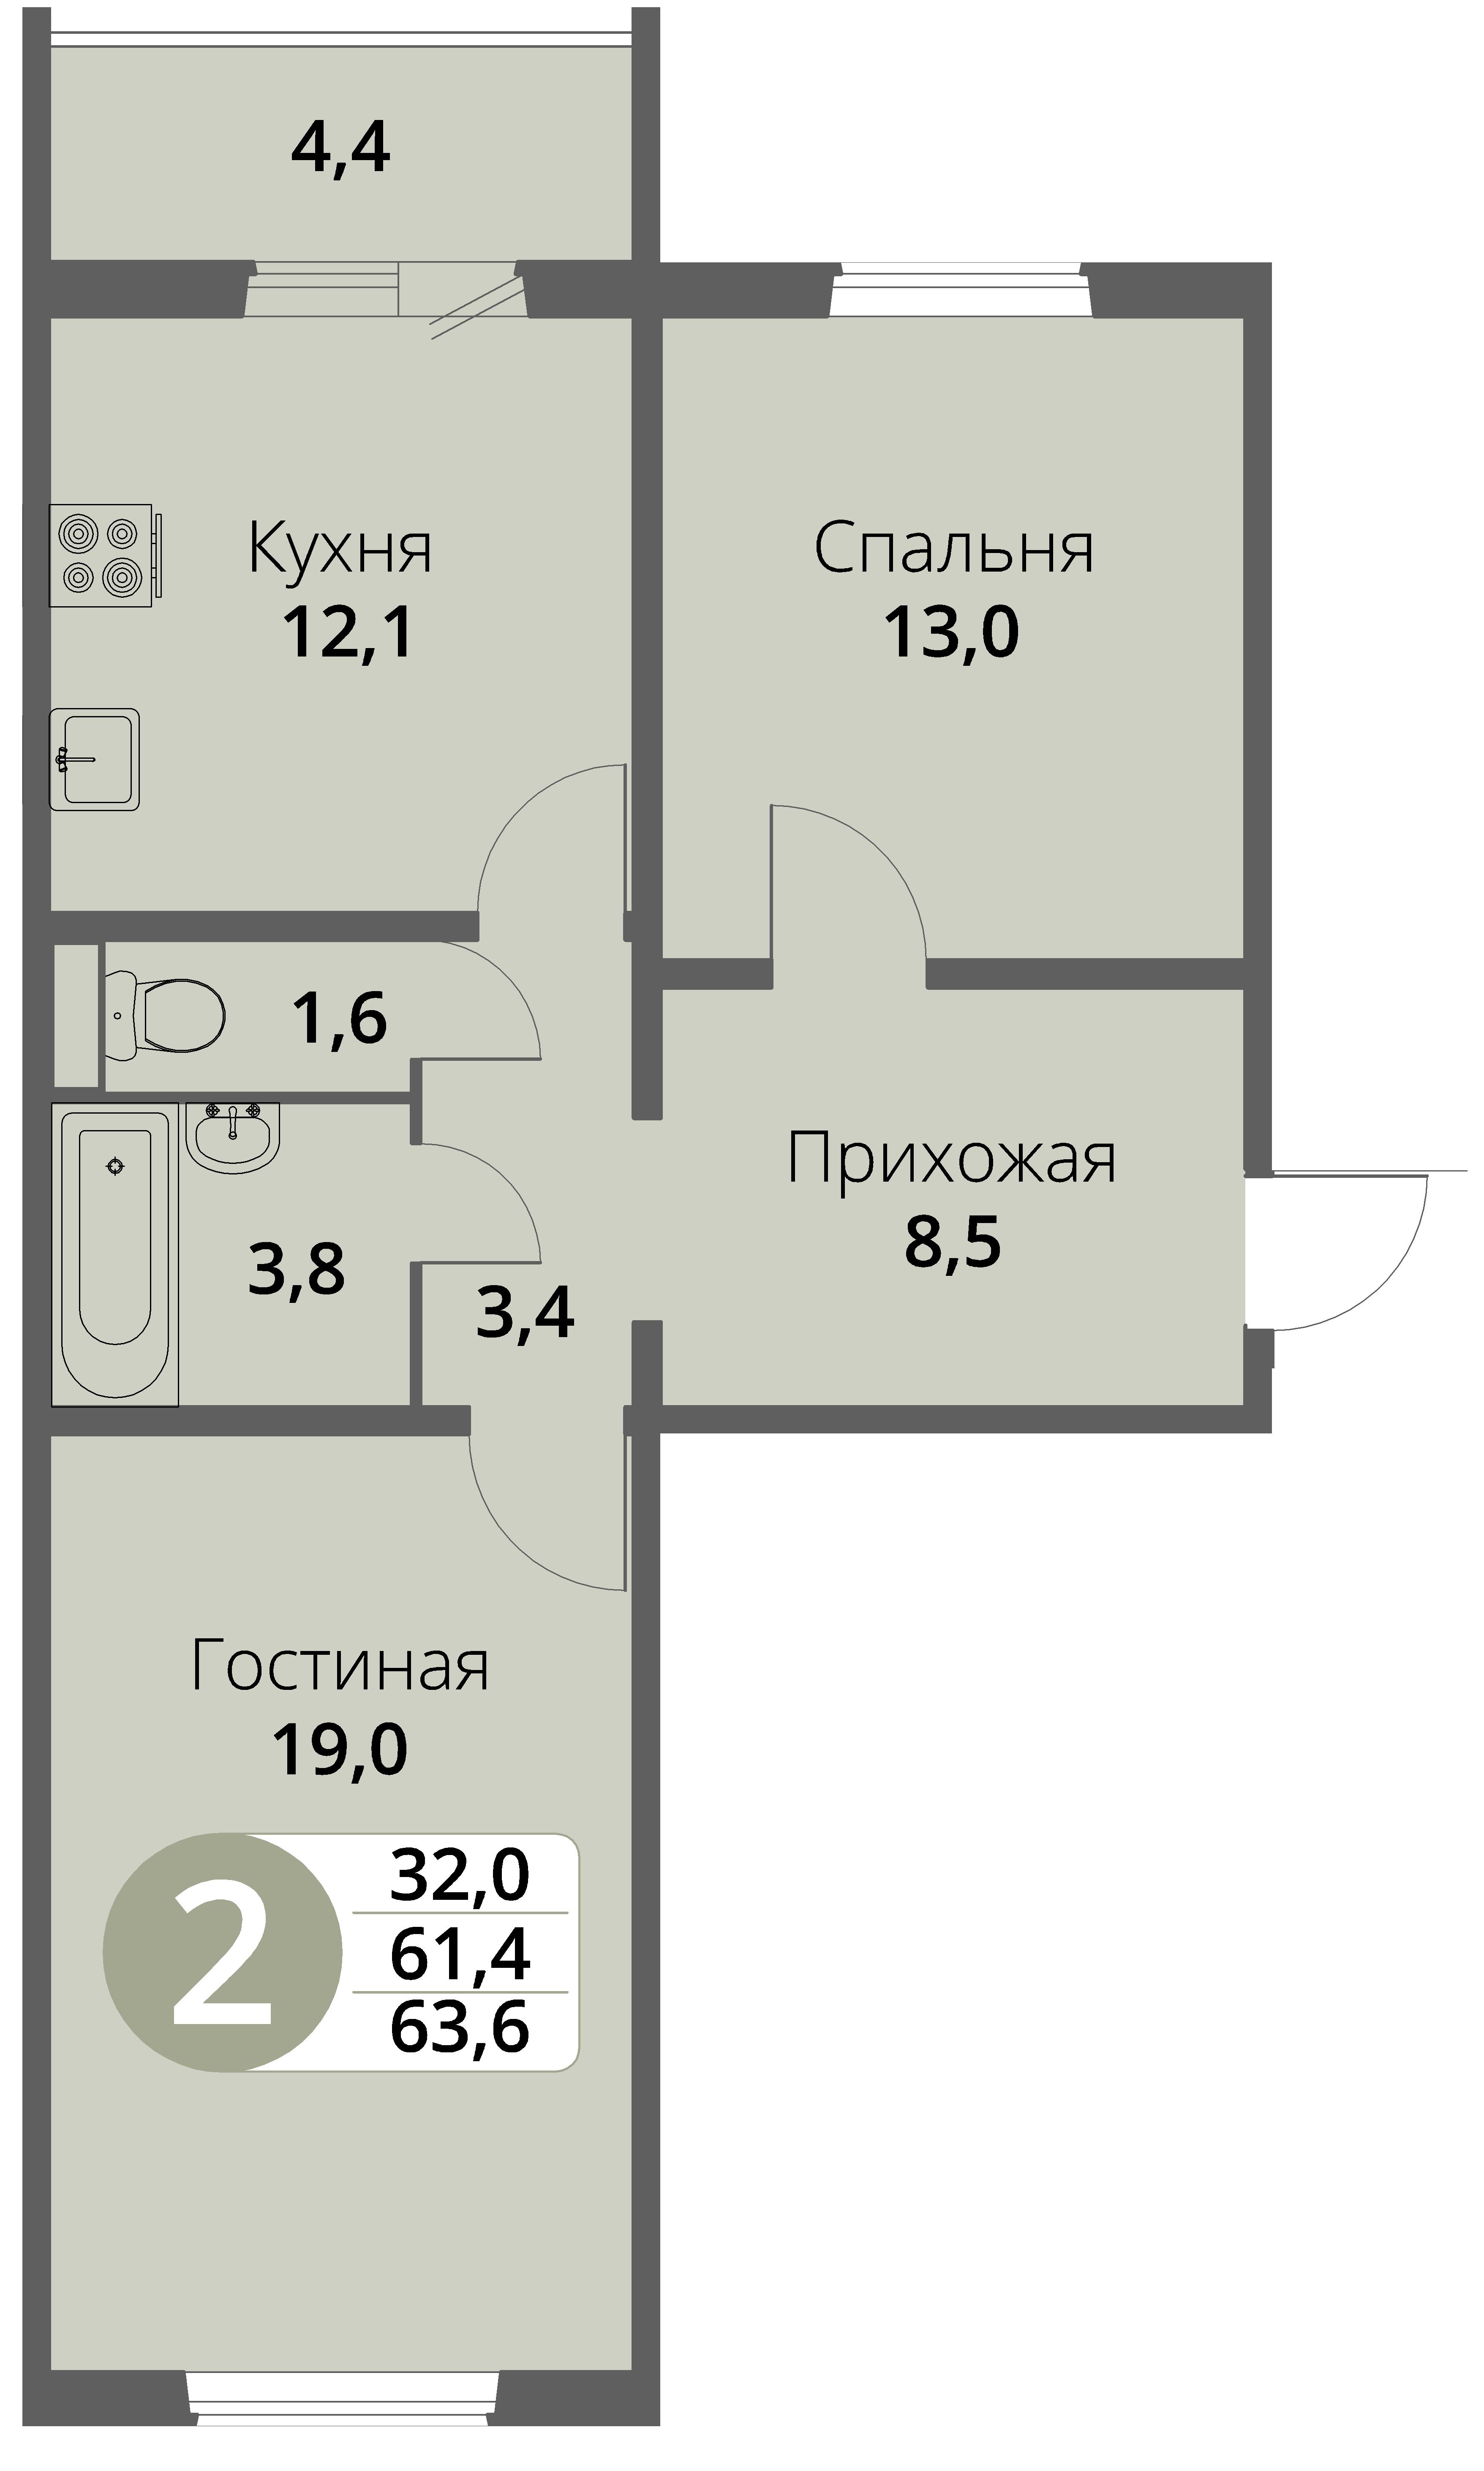 Зареченская 1-2, квартира 85 - Двухкомнатная